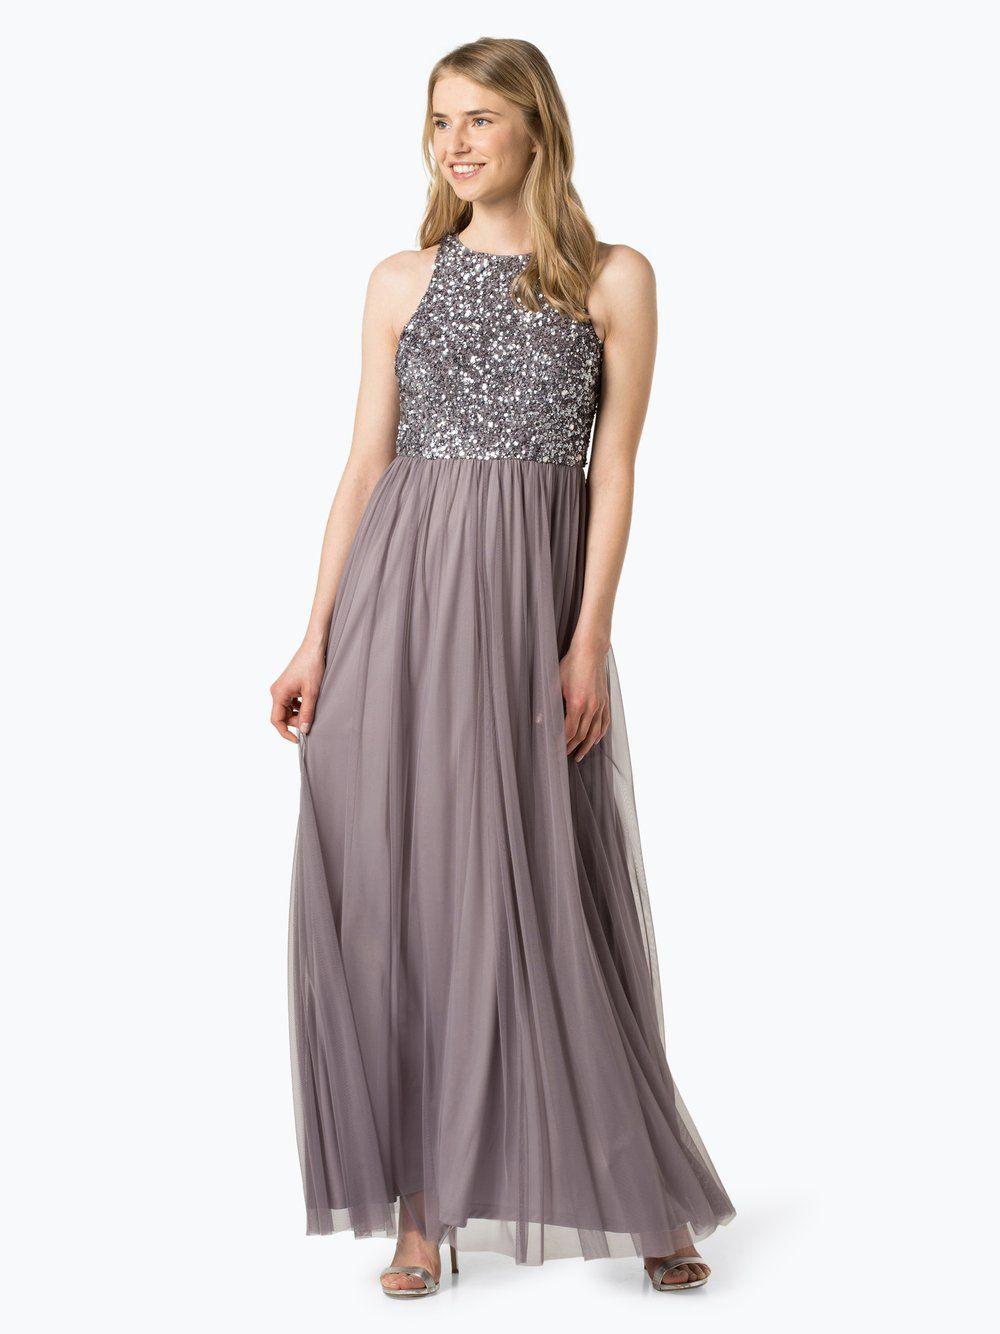 20 Großartig Marie Lund Abendkleid VertriebDesigner Schön Marie Lund Abendkleid Boutique